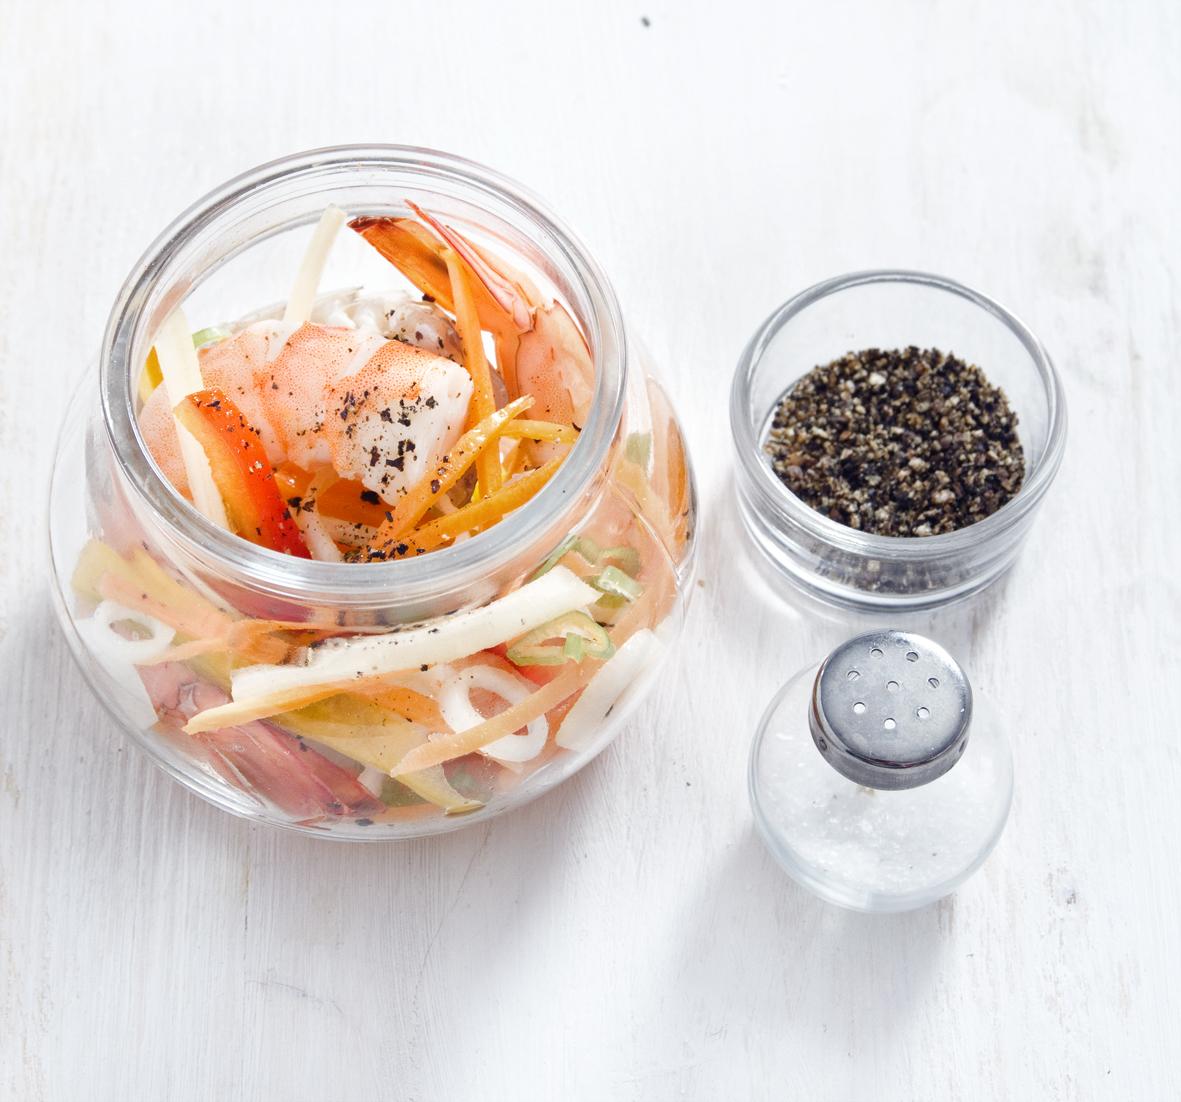 qualche idea per i vostri primi esperimenti baccal con crema di peperoni gamberi con zenzero e lime uovo cotto a bassa temperatura roastbeef aglio e